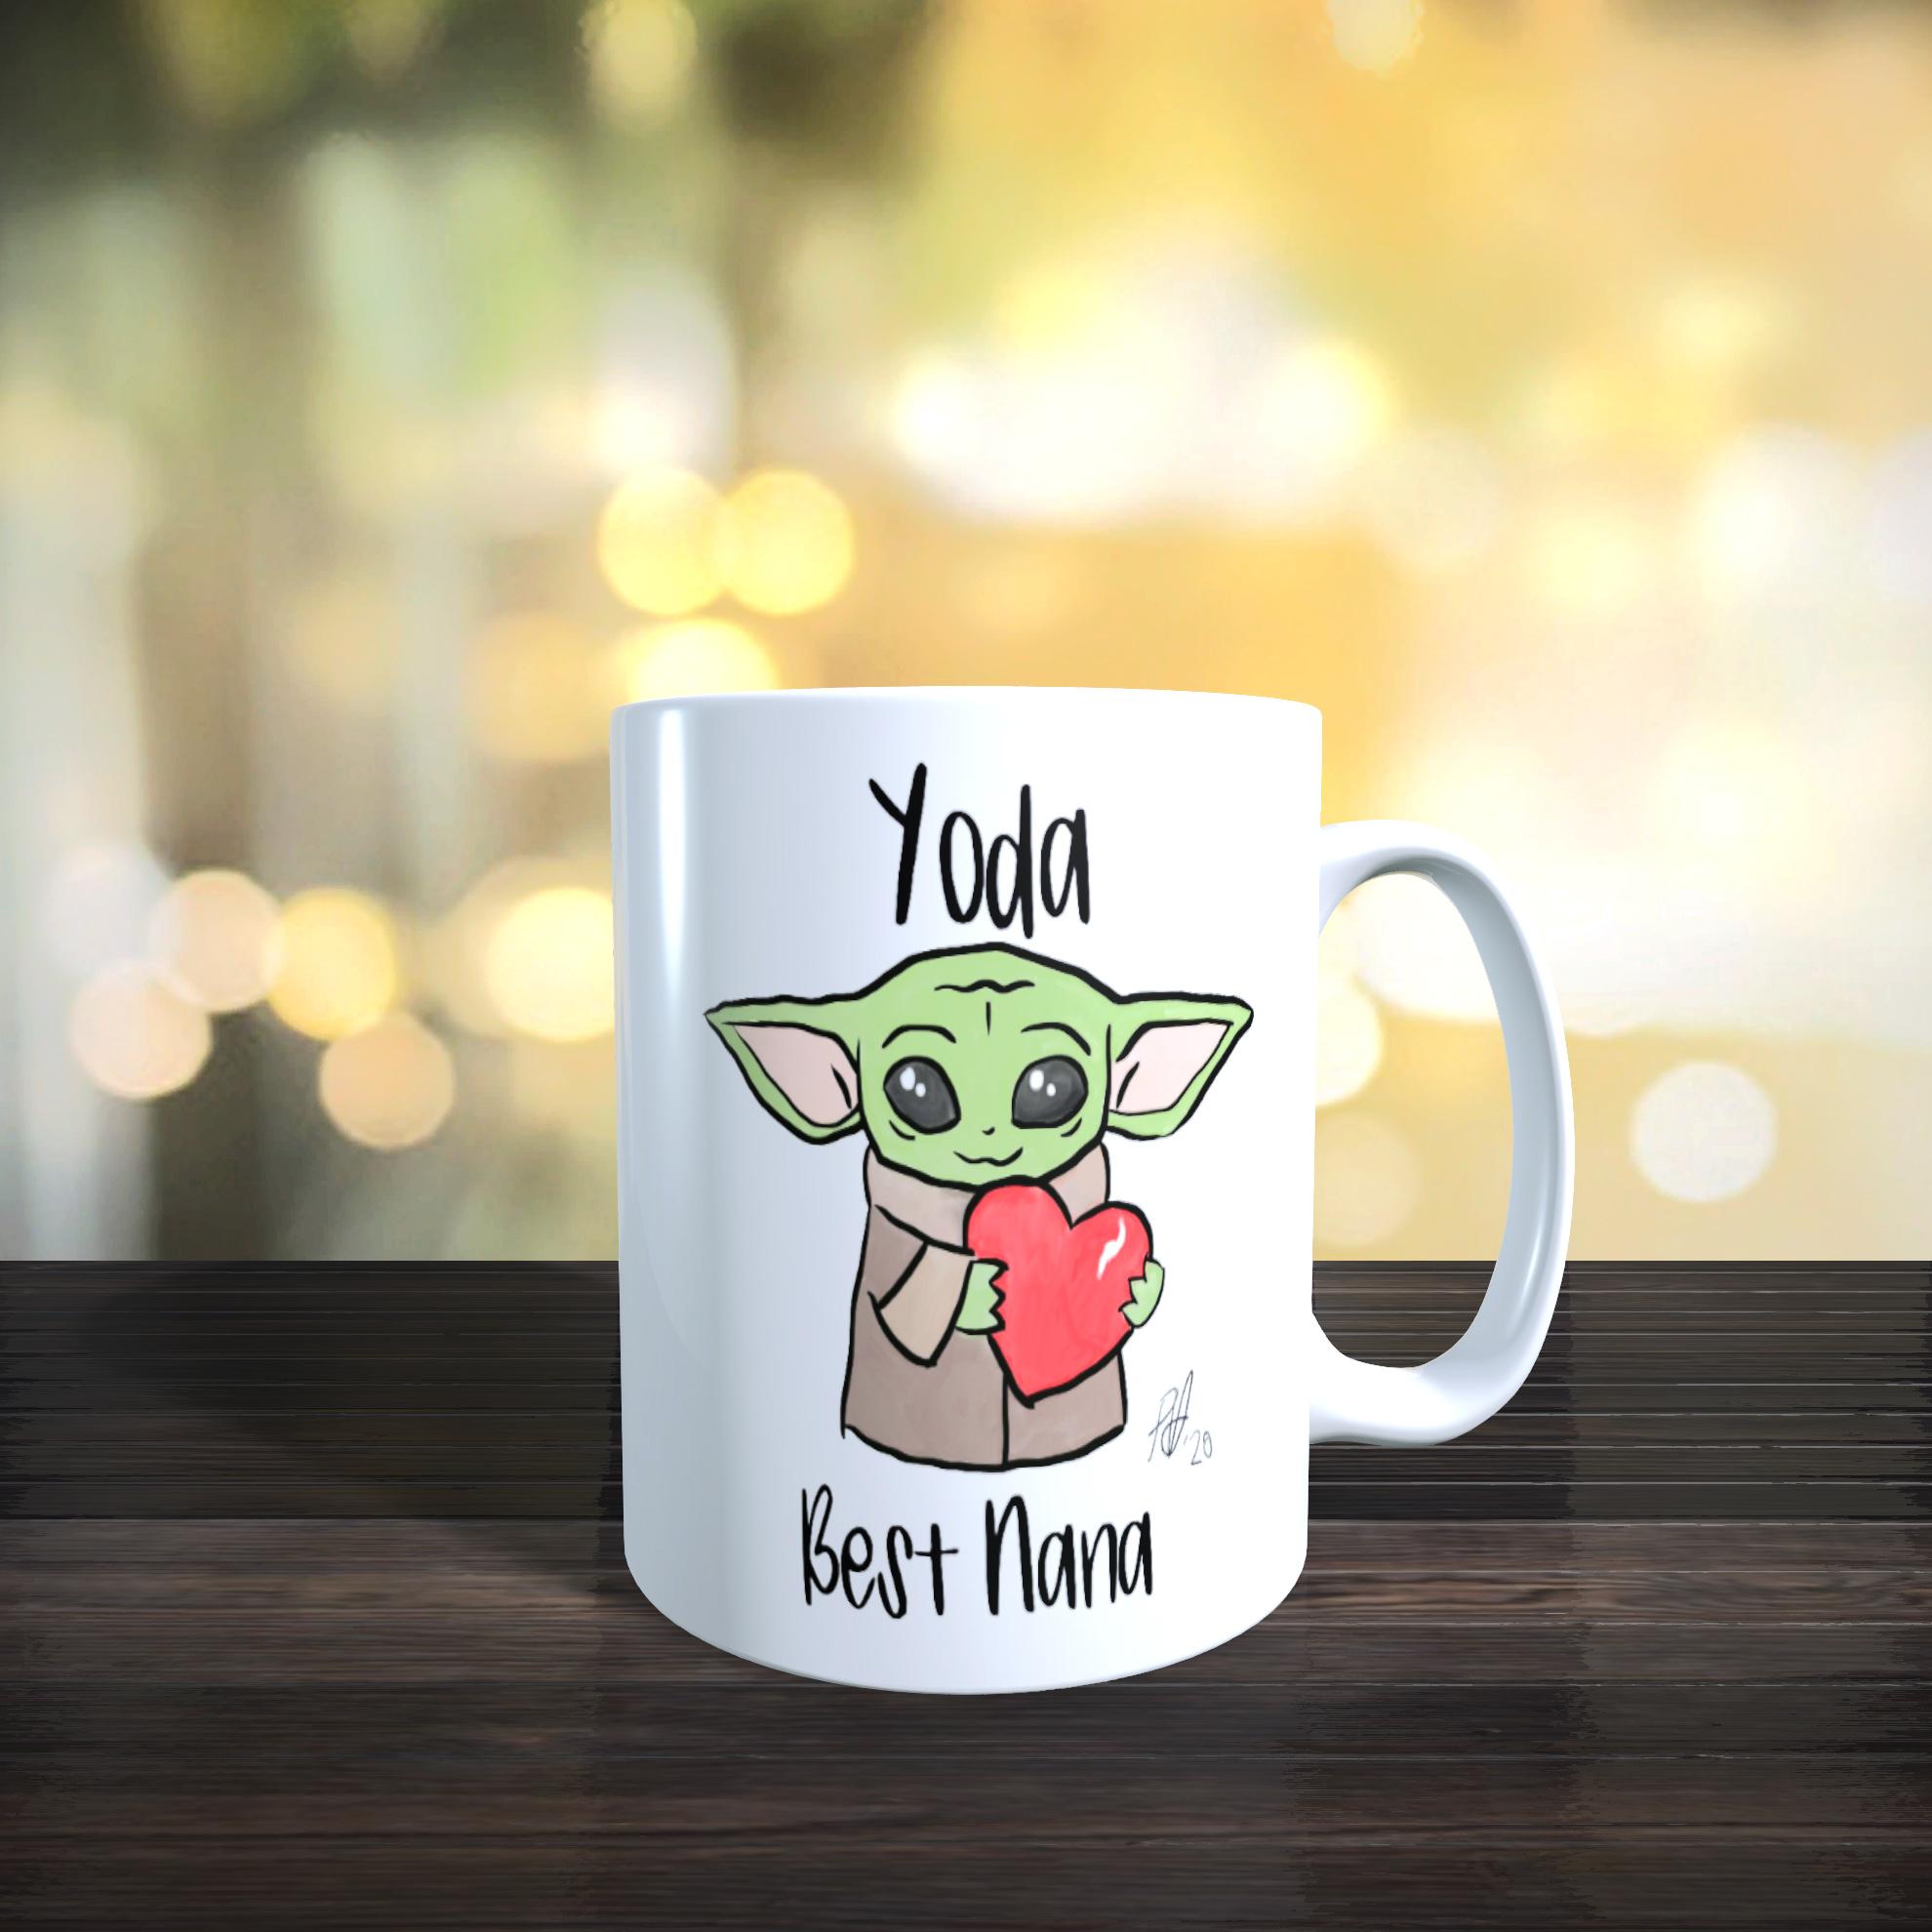 11 oz Ceramic Mug 'Yoda Best Nana' Mothers day, Birthday Gift